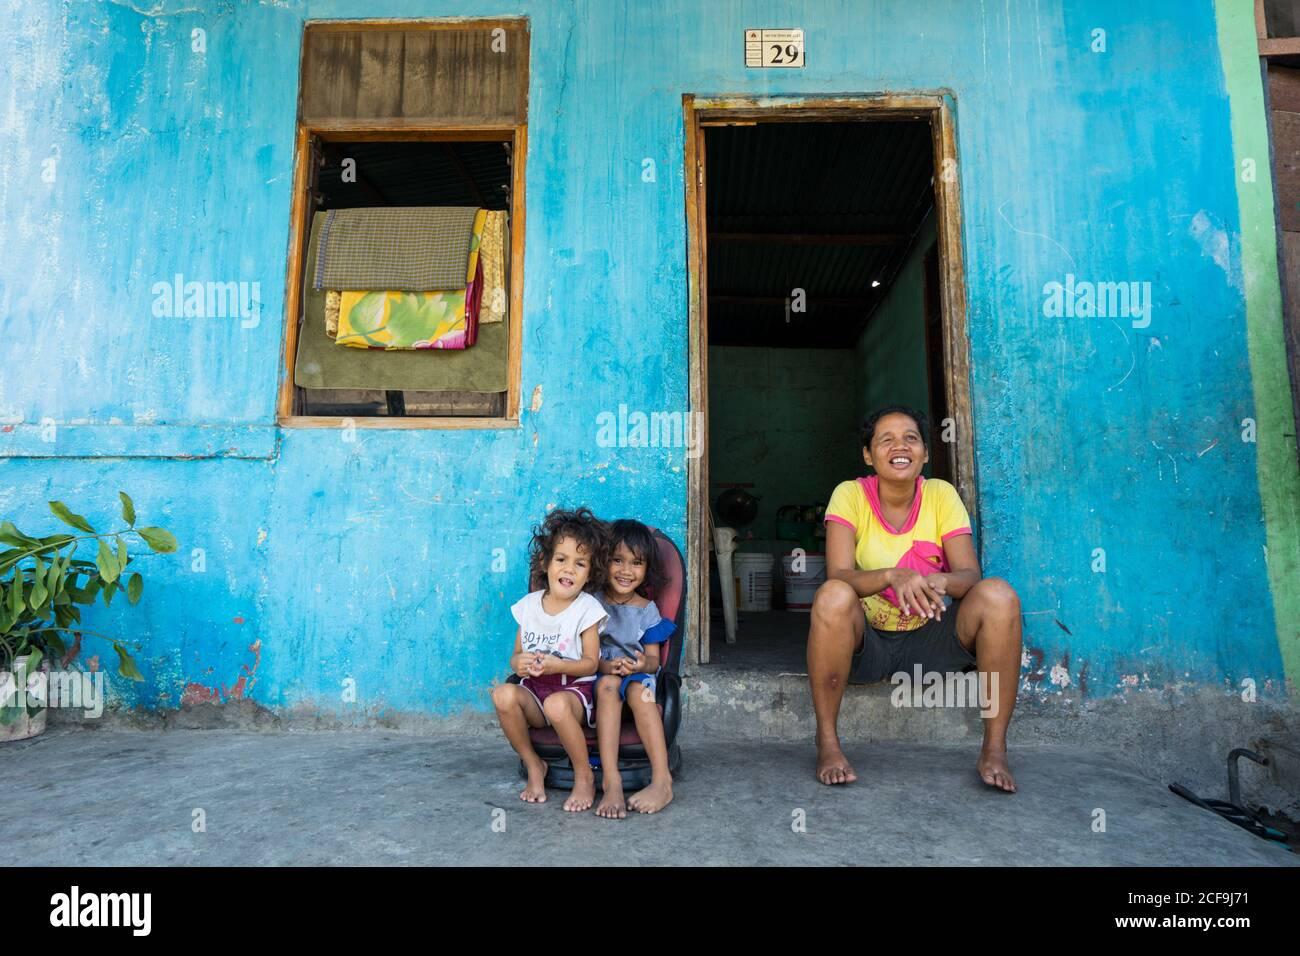 Dili, Timor oriental - 09 AOÛT 2018: Femme gaie et petites filles regardant la caméra tout en étant assis à la porte de la maison pauvre Banque D'Images